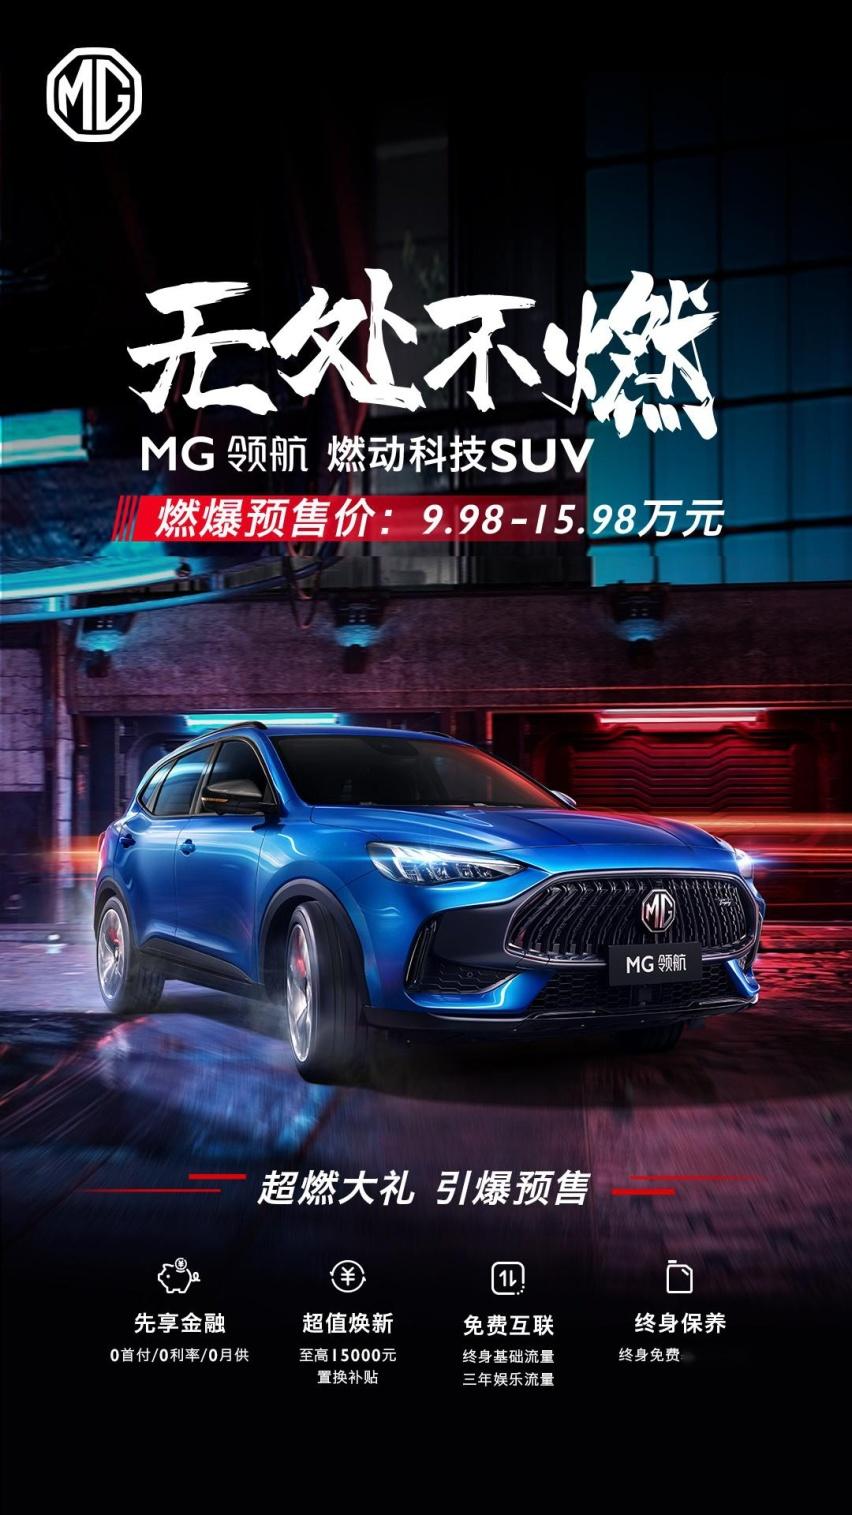 燃动科技SUV MG领航预售9.98-15.98万元